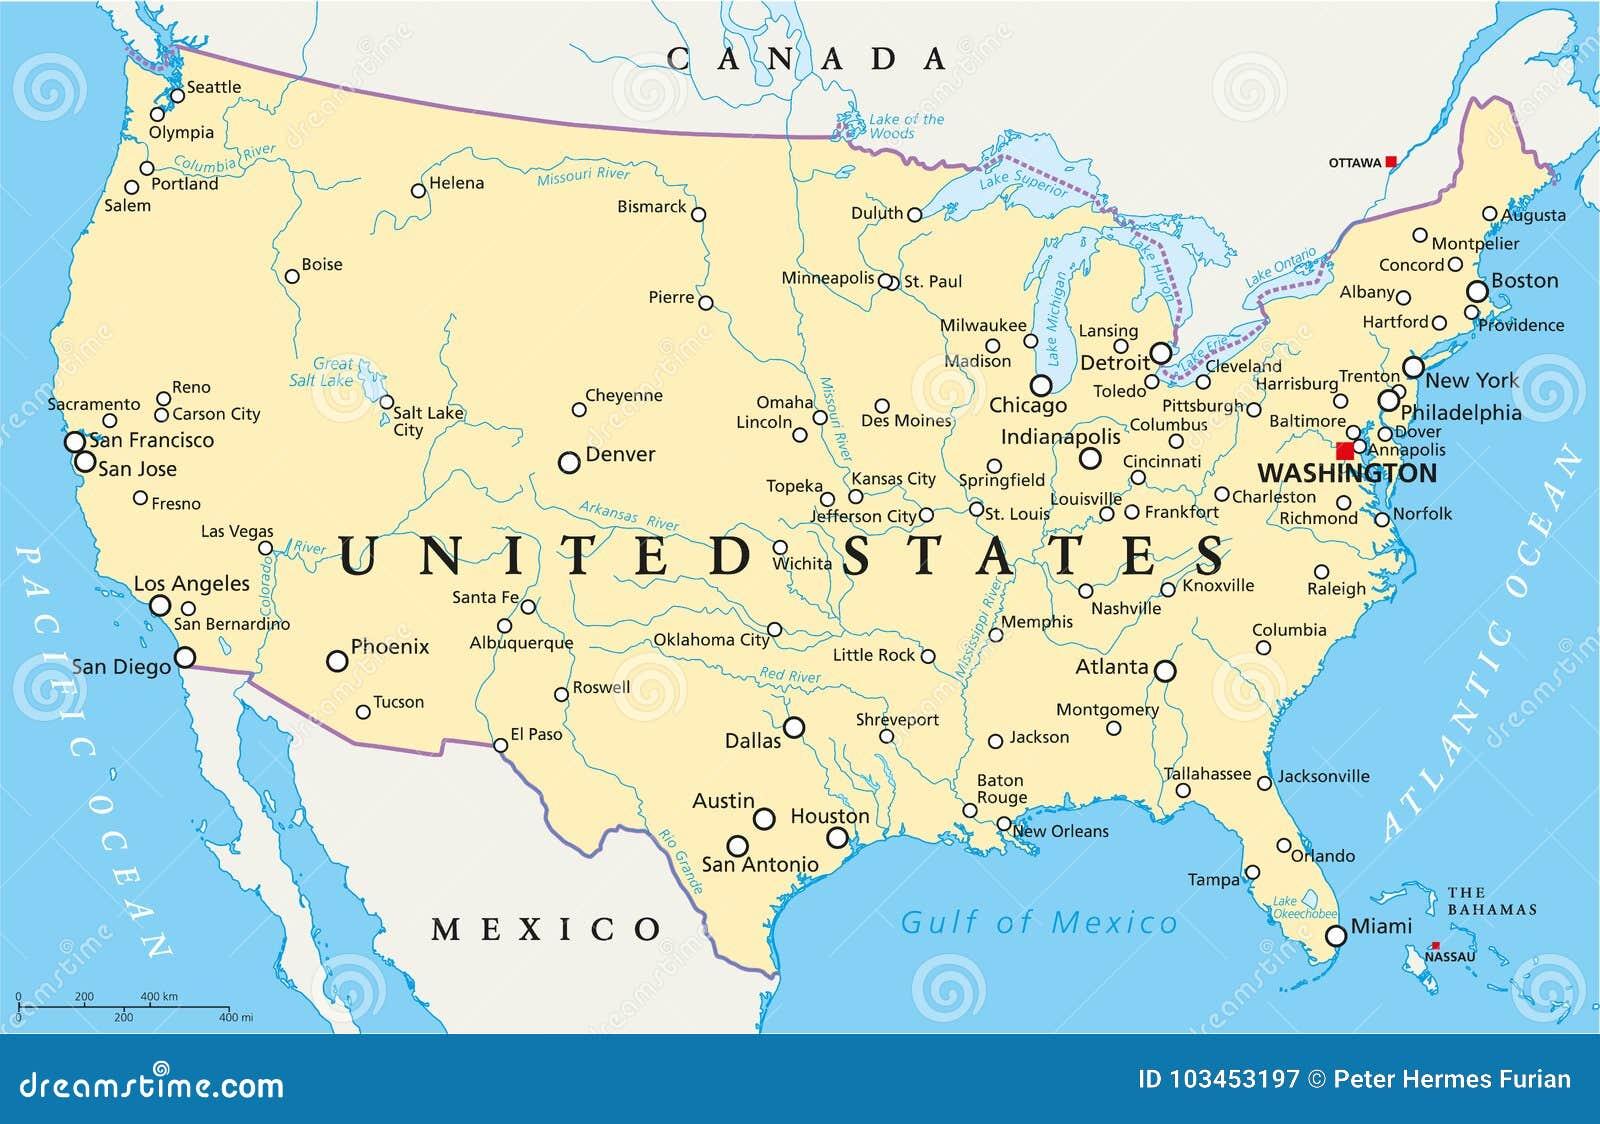 Cartina Degli Stati Uniti Politica.Programma Politico Degli Stati Uniti D America Illustrazione Vettoriale Illustrazione Di Houston North 103453197